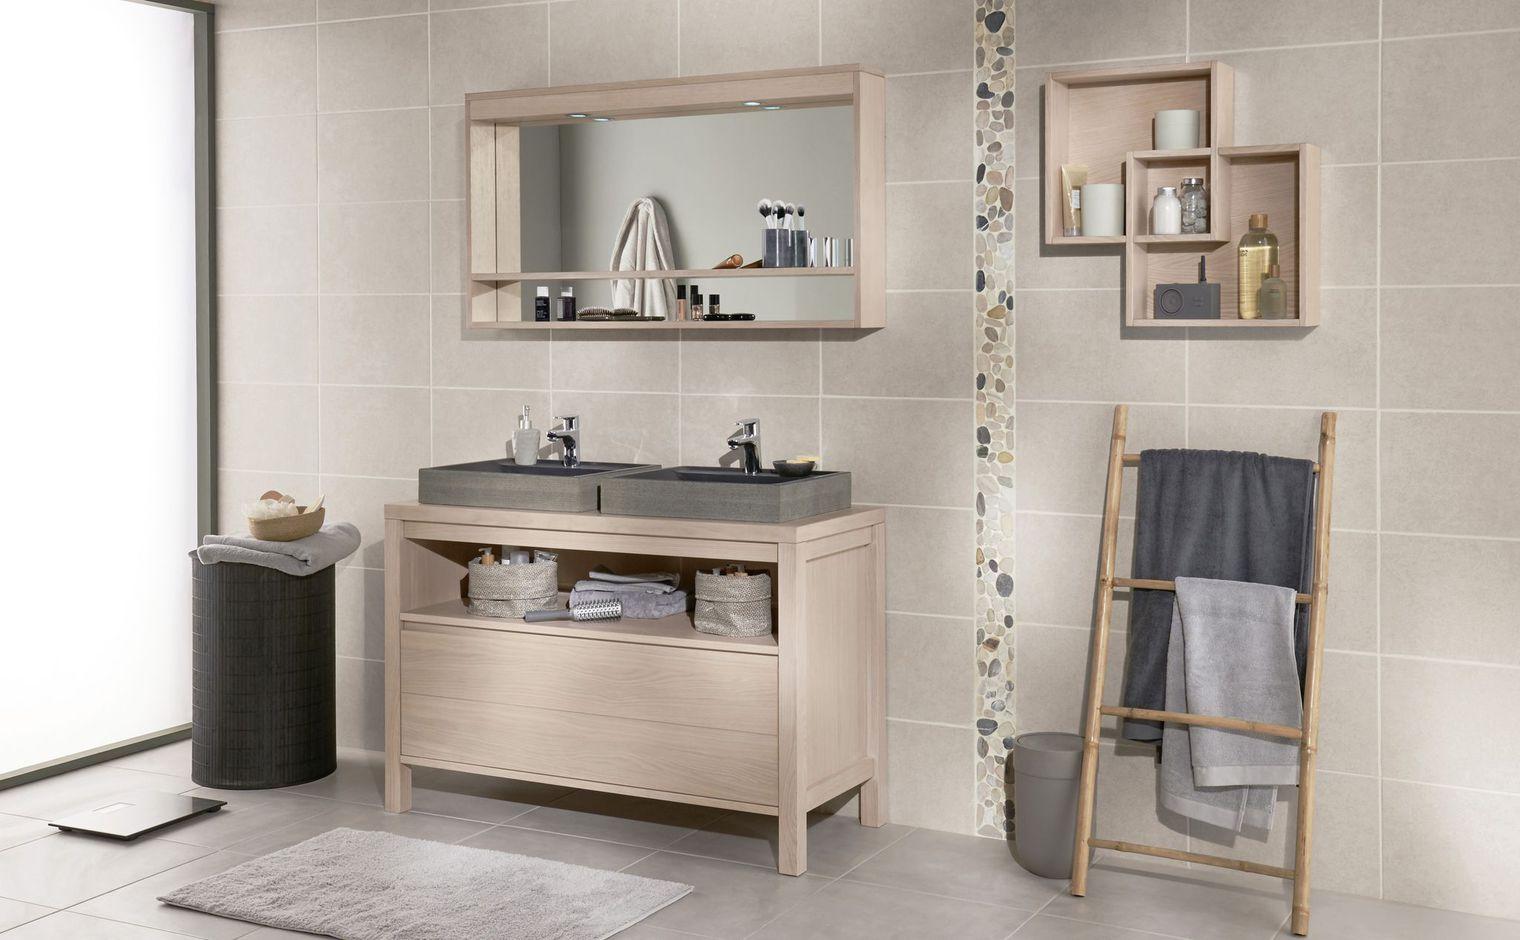 Salle de bain avec meuble en bois